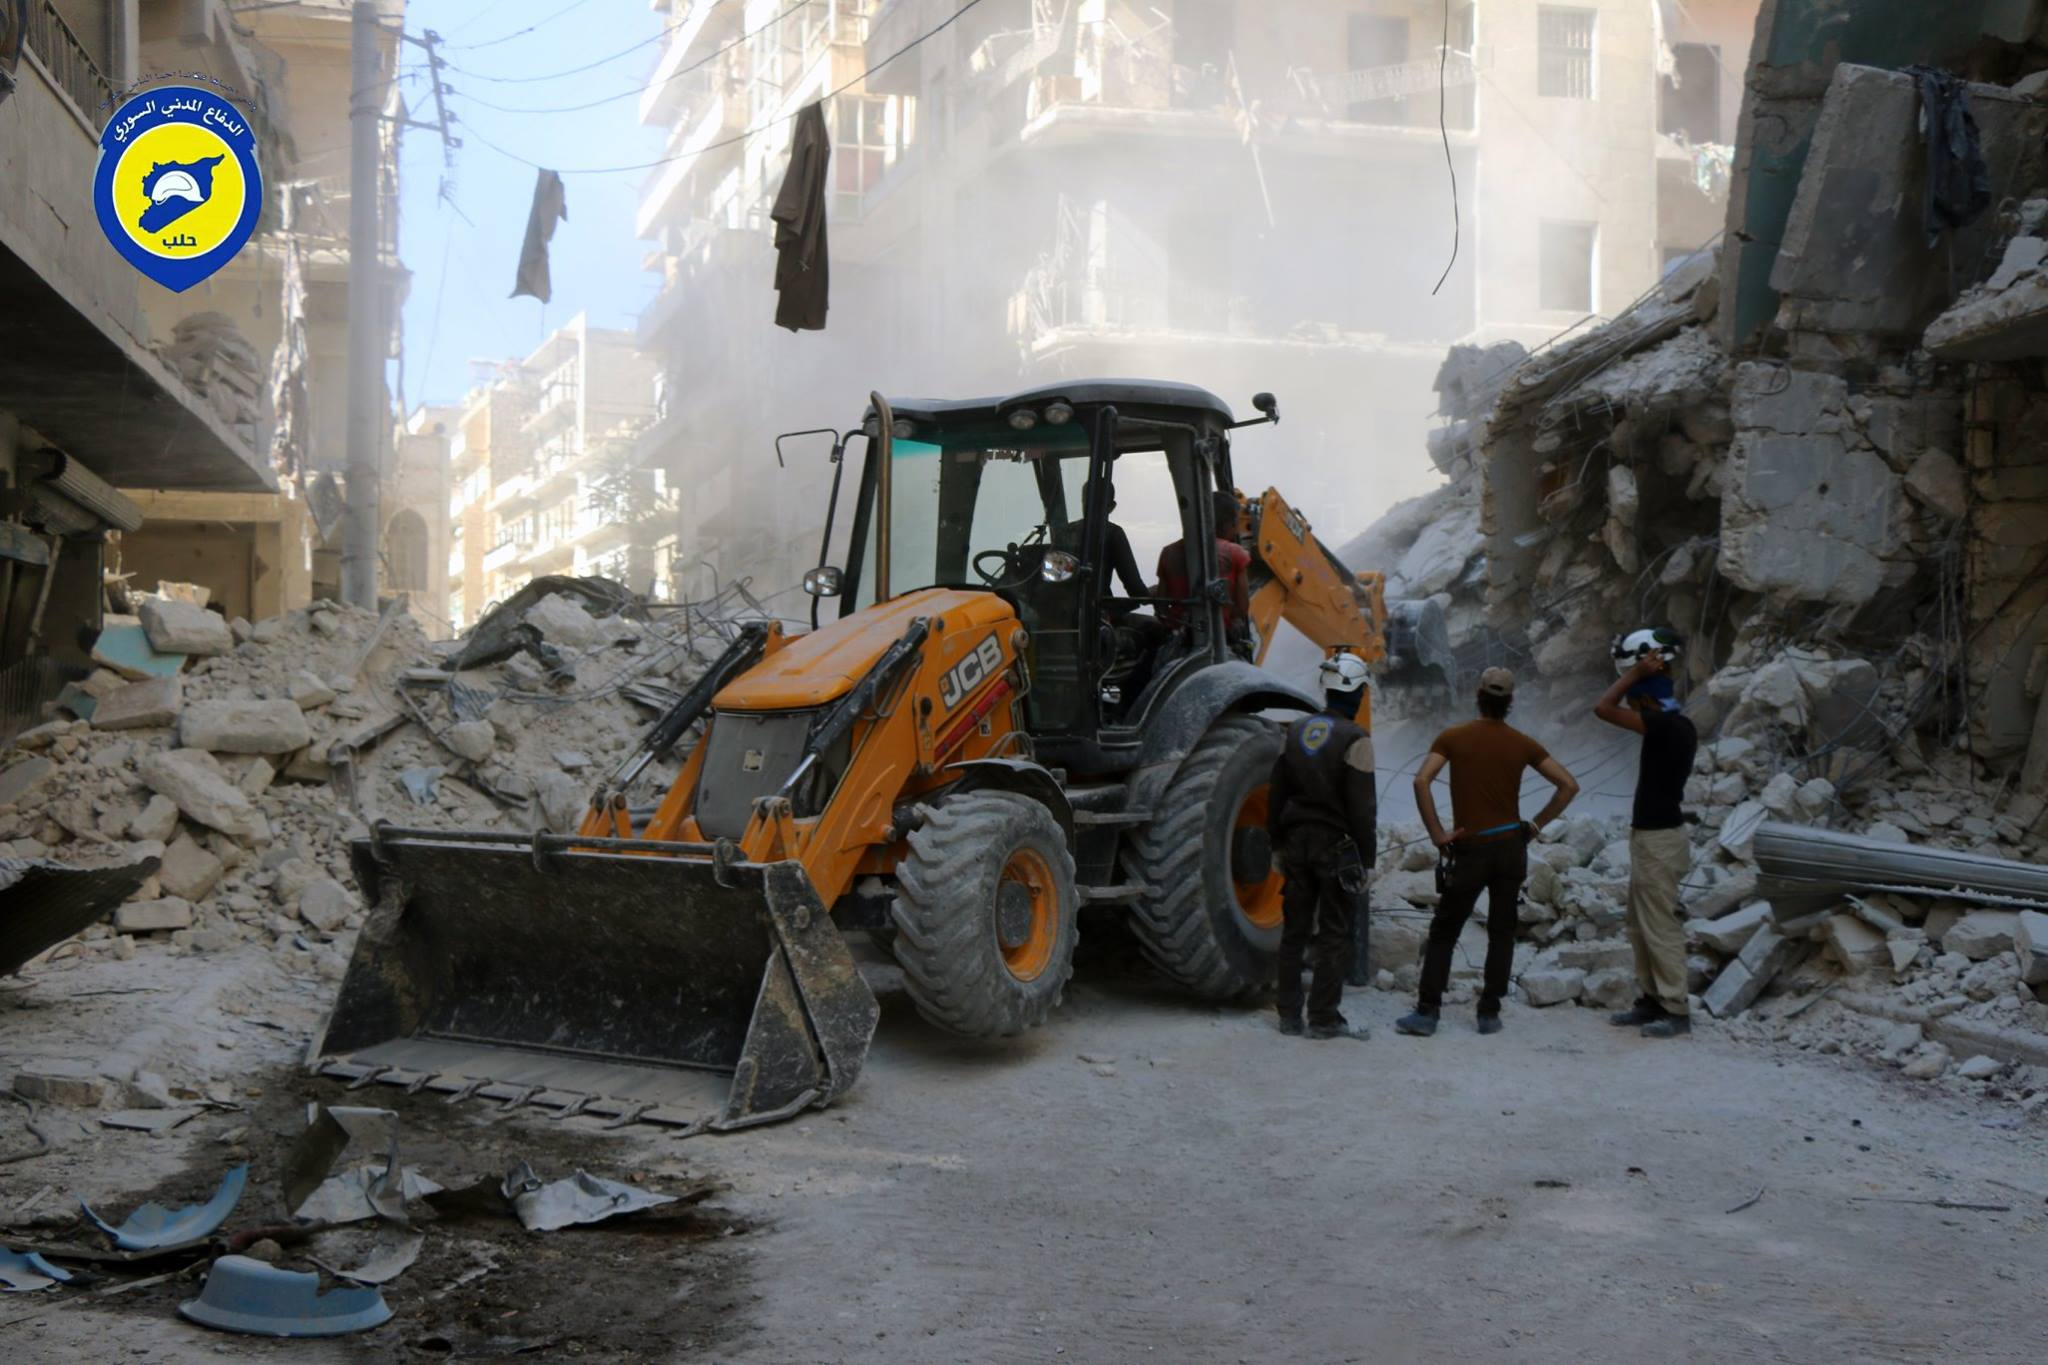 عناصر الدفاع المدني يقومون برفع الأنقاض في الحي بعد الغارات